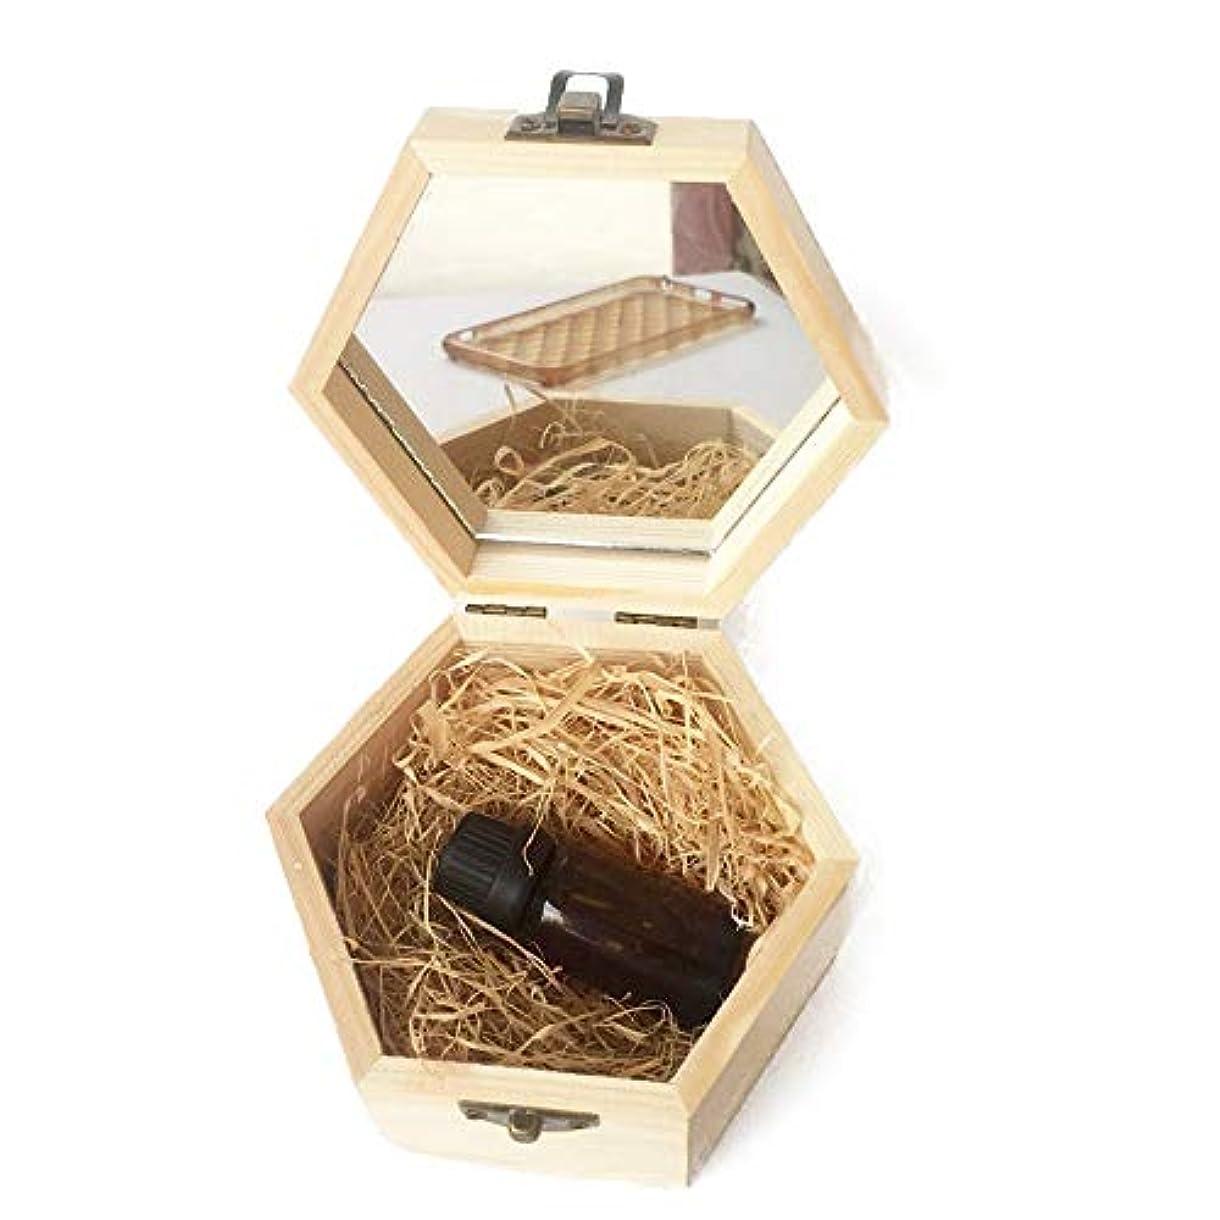 妥協先のことを考える試すエッセンシャルオイルの保管 アロマセラピーのエッセンシャルオイル木箱の品質収納ケース (色 : Natural, サイズ : 13X11.3X6.8CM)